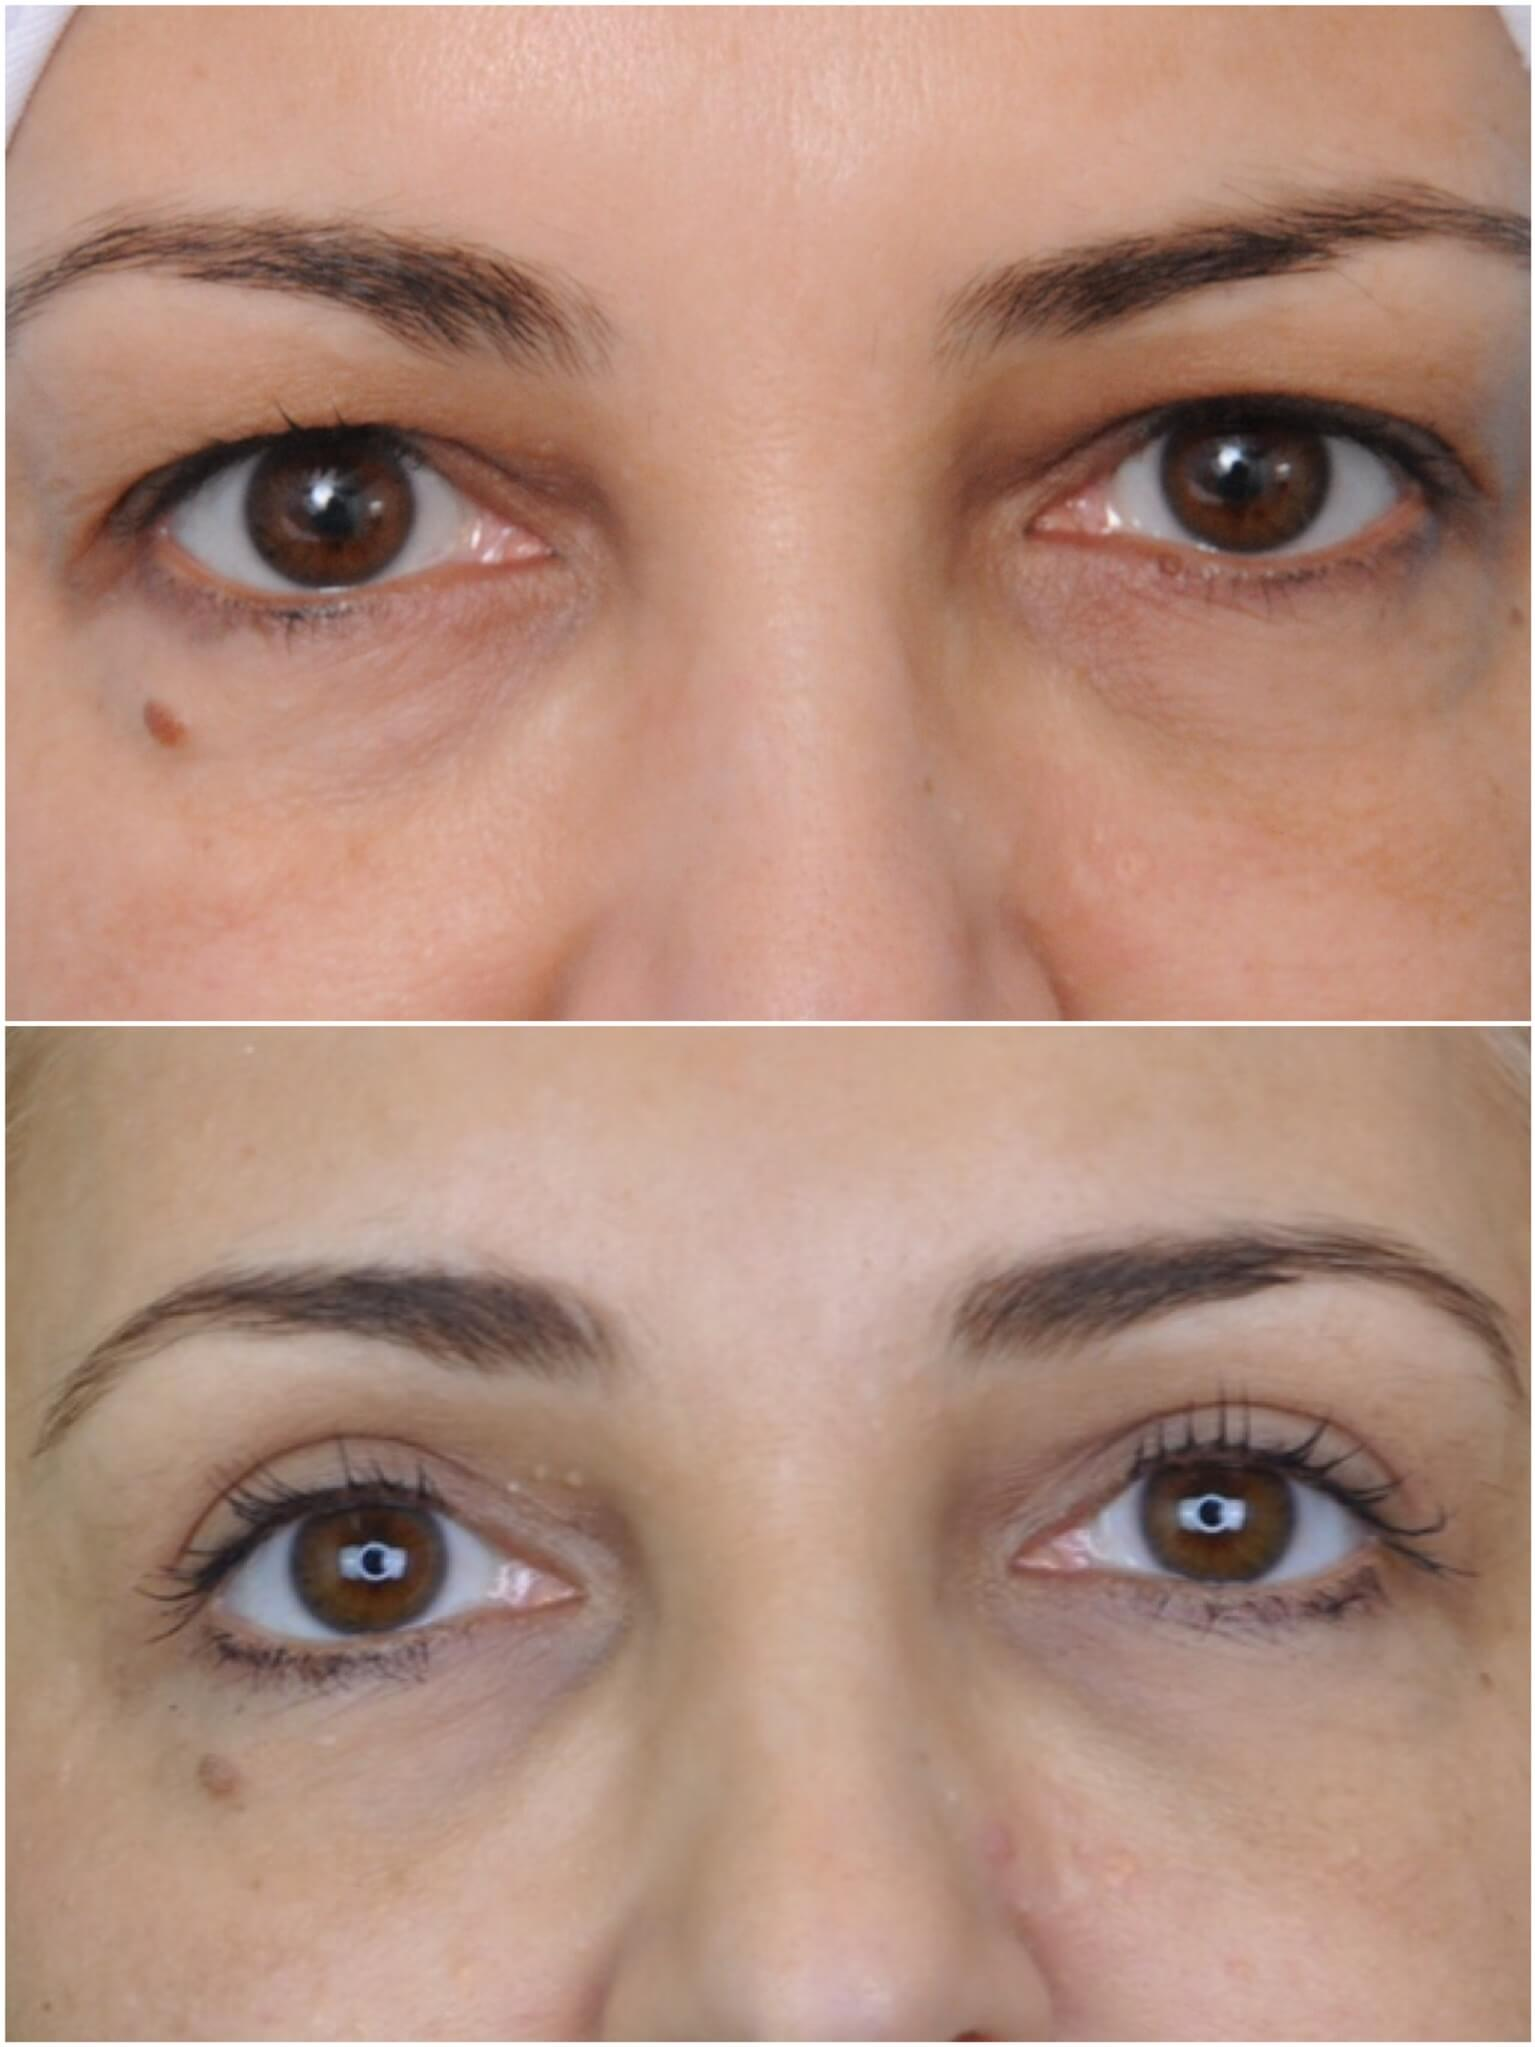 eye blepharoplasty treatment